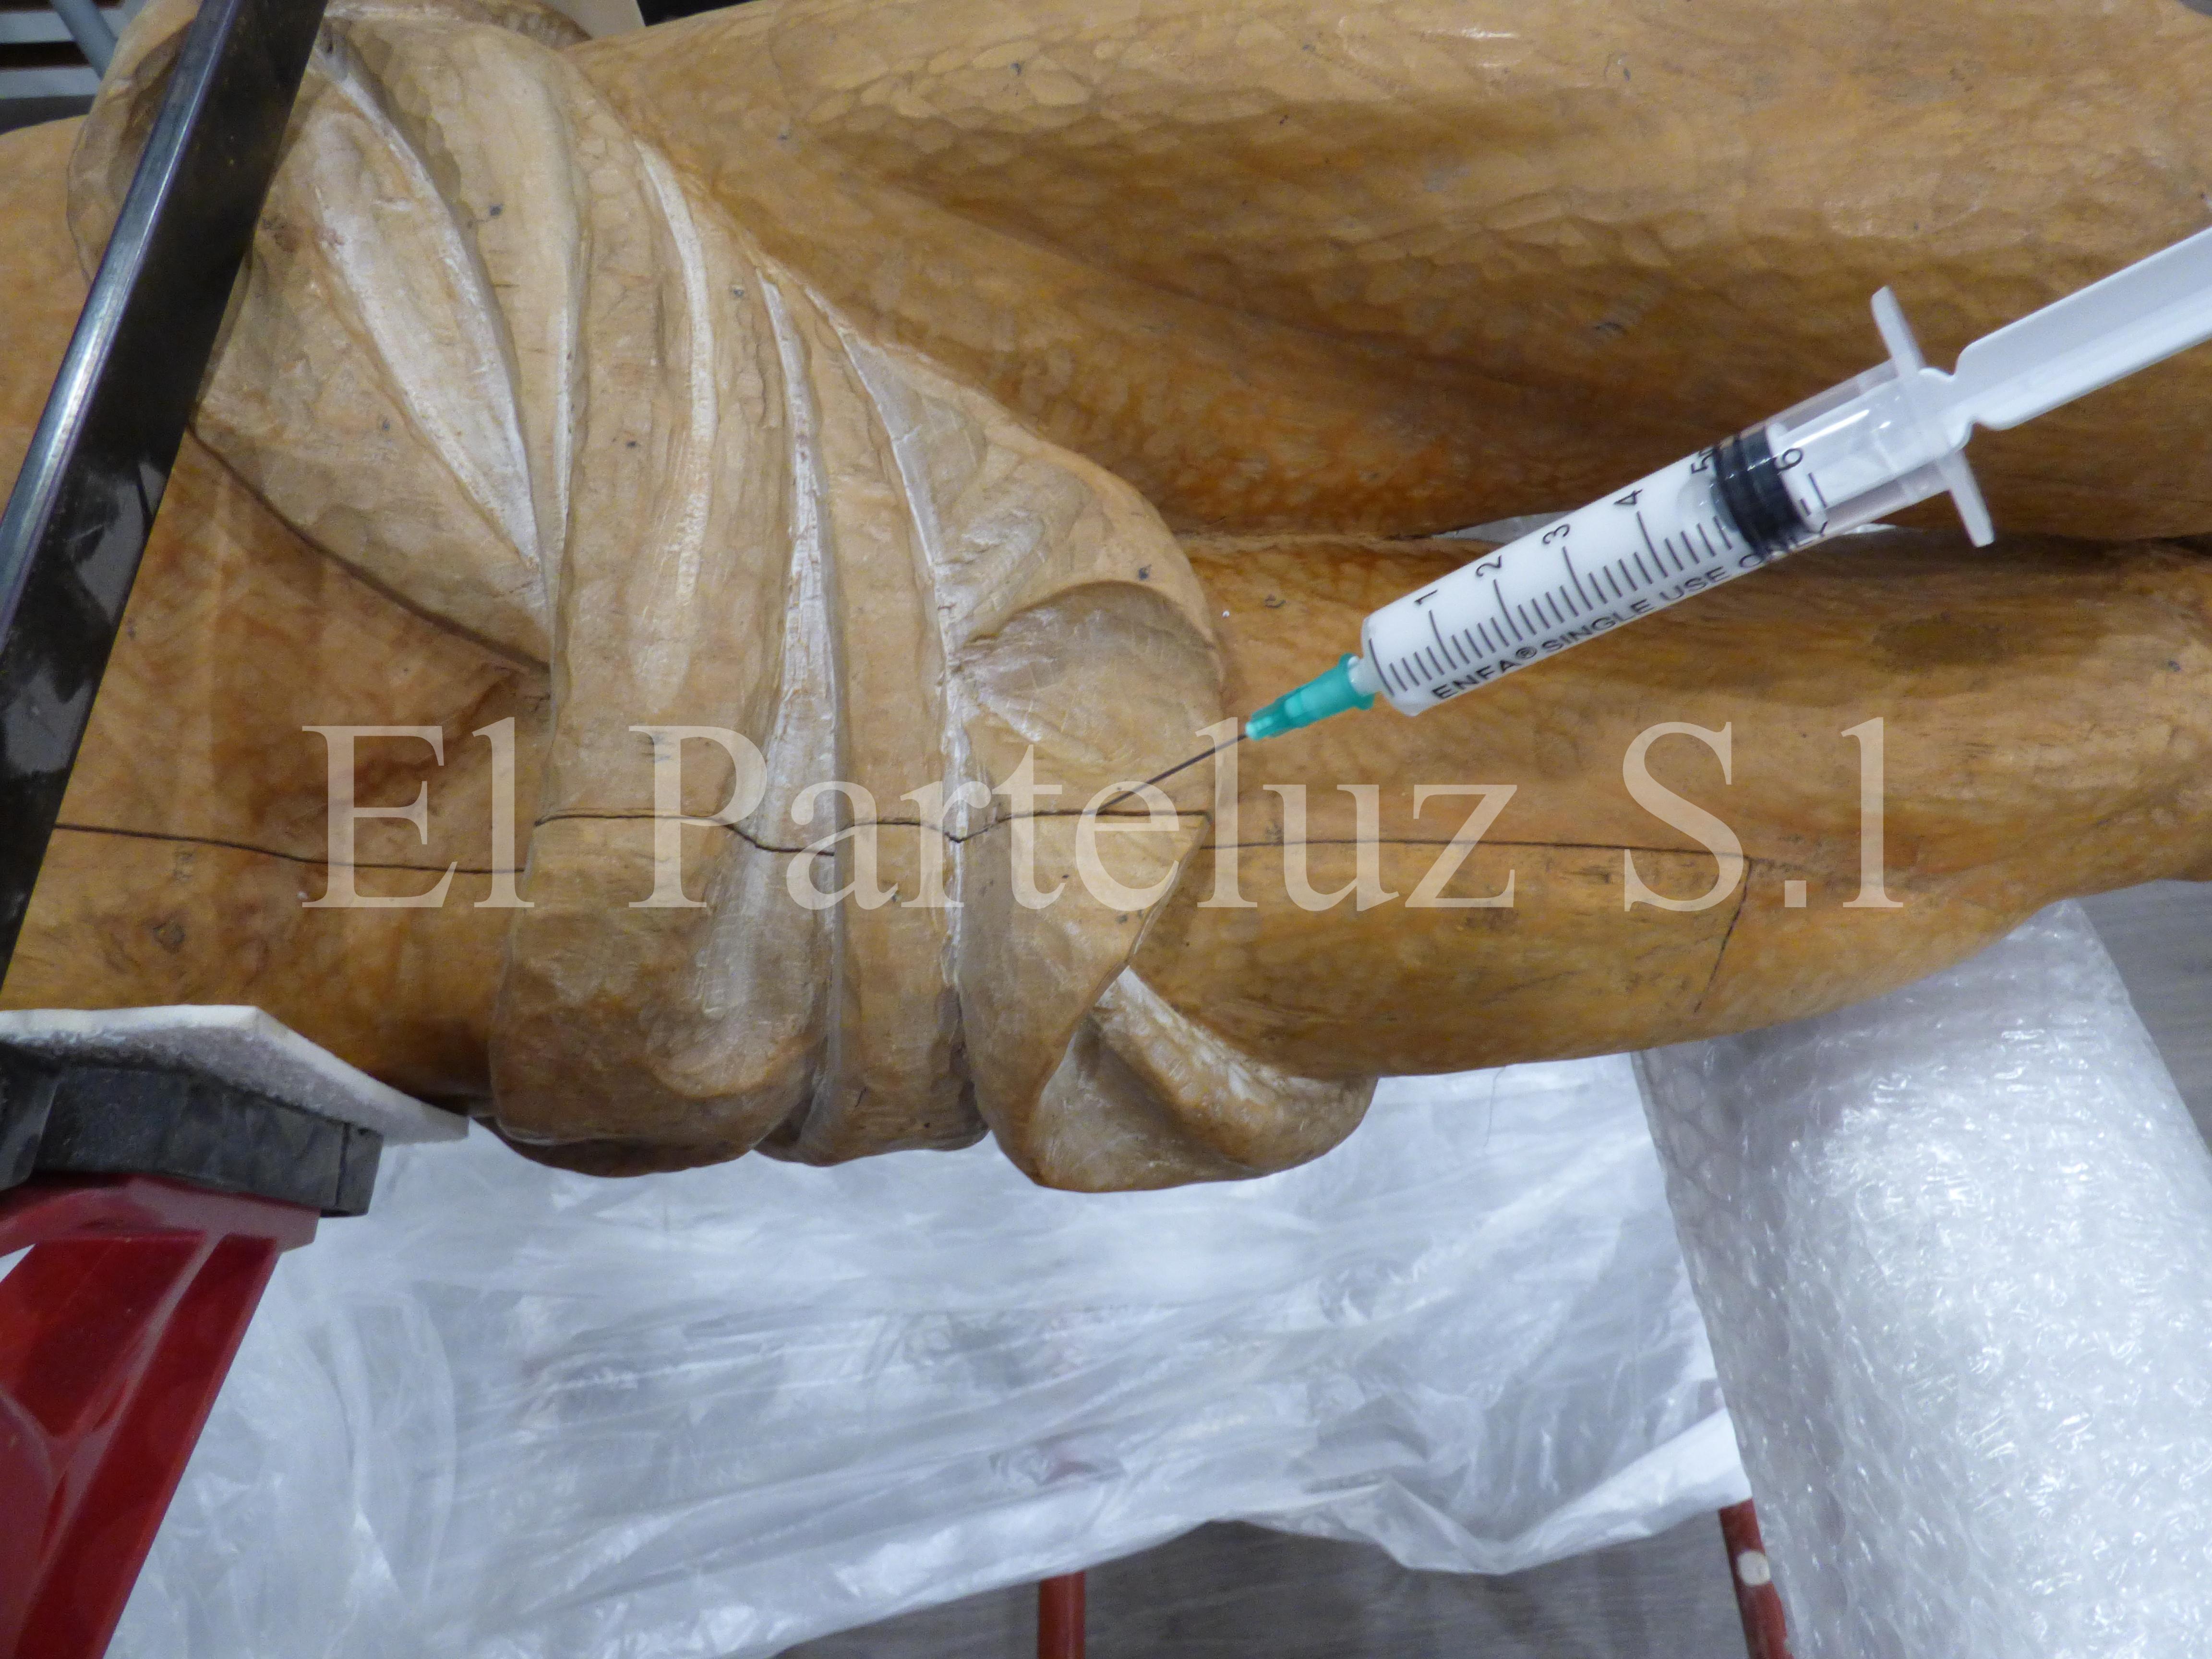 Proceso de restauración. Cristo Crucificado de la Iglesia de San José Albacete. El Parteluz. SL. Pablo Nieto Vidal.